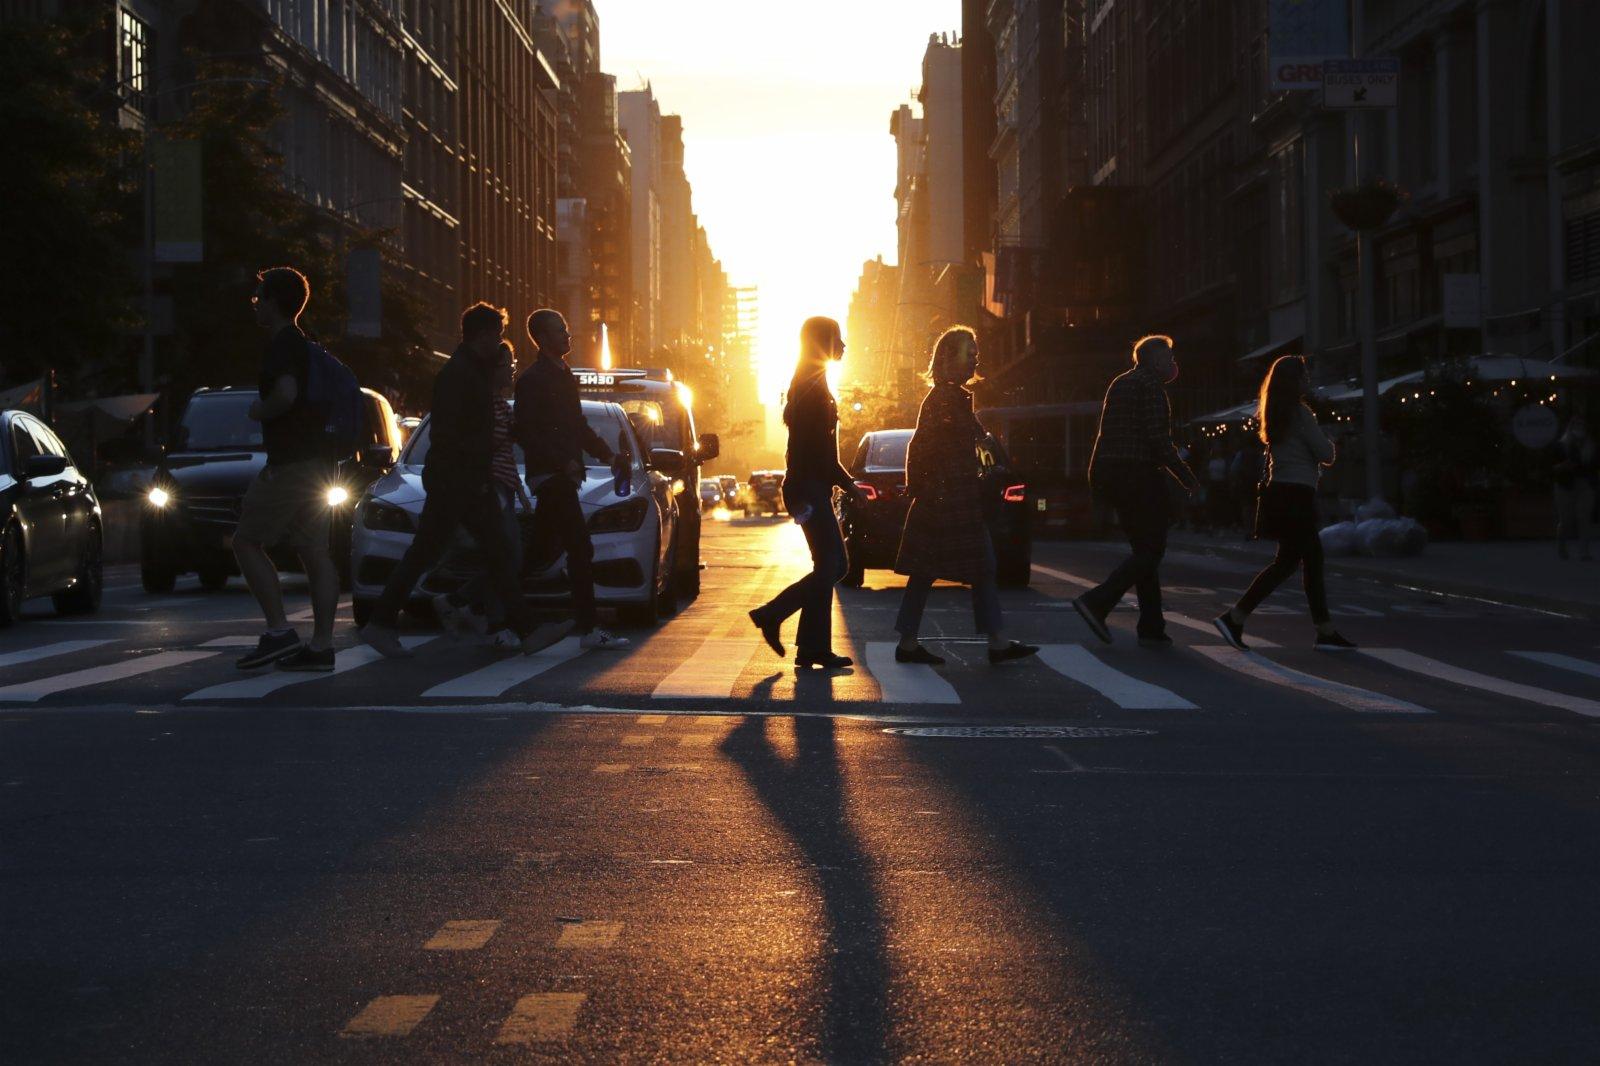 這種被稱為「懸日」的自然現象是紐約的獨特景觀,因為曼哈頓高樓十分密集,日落時陽光灑滿曼哈頓所有東西向街道的現象,每年只在兩個時期出現。